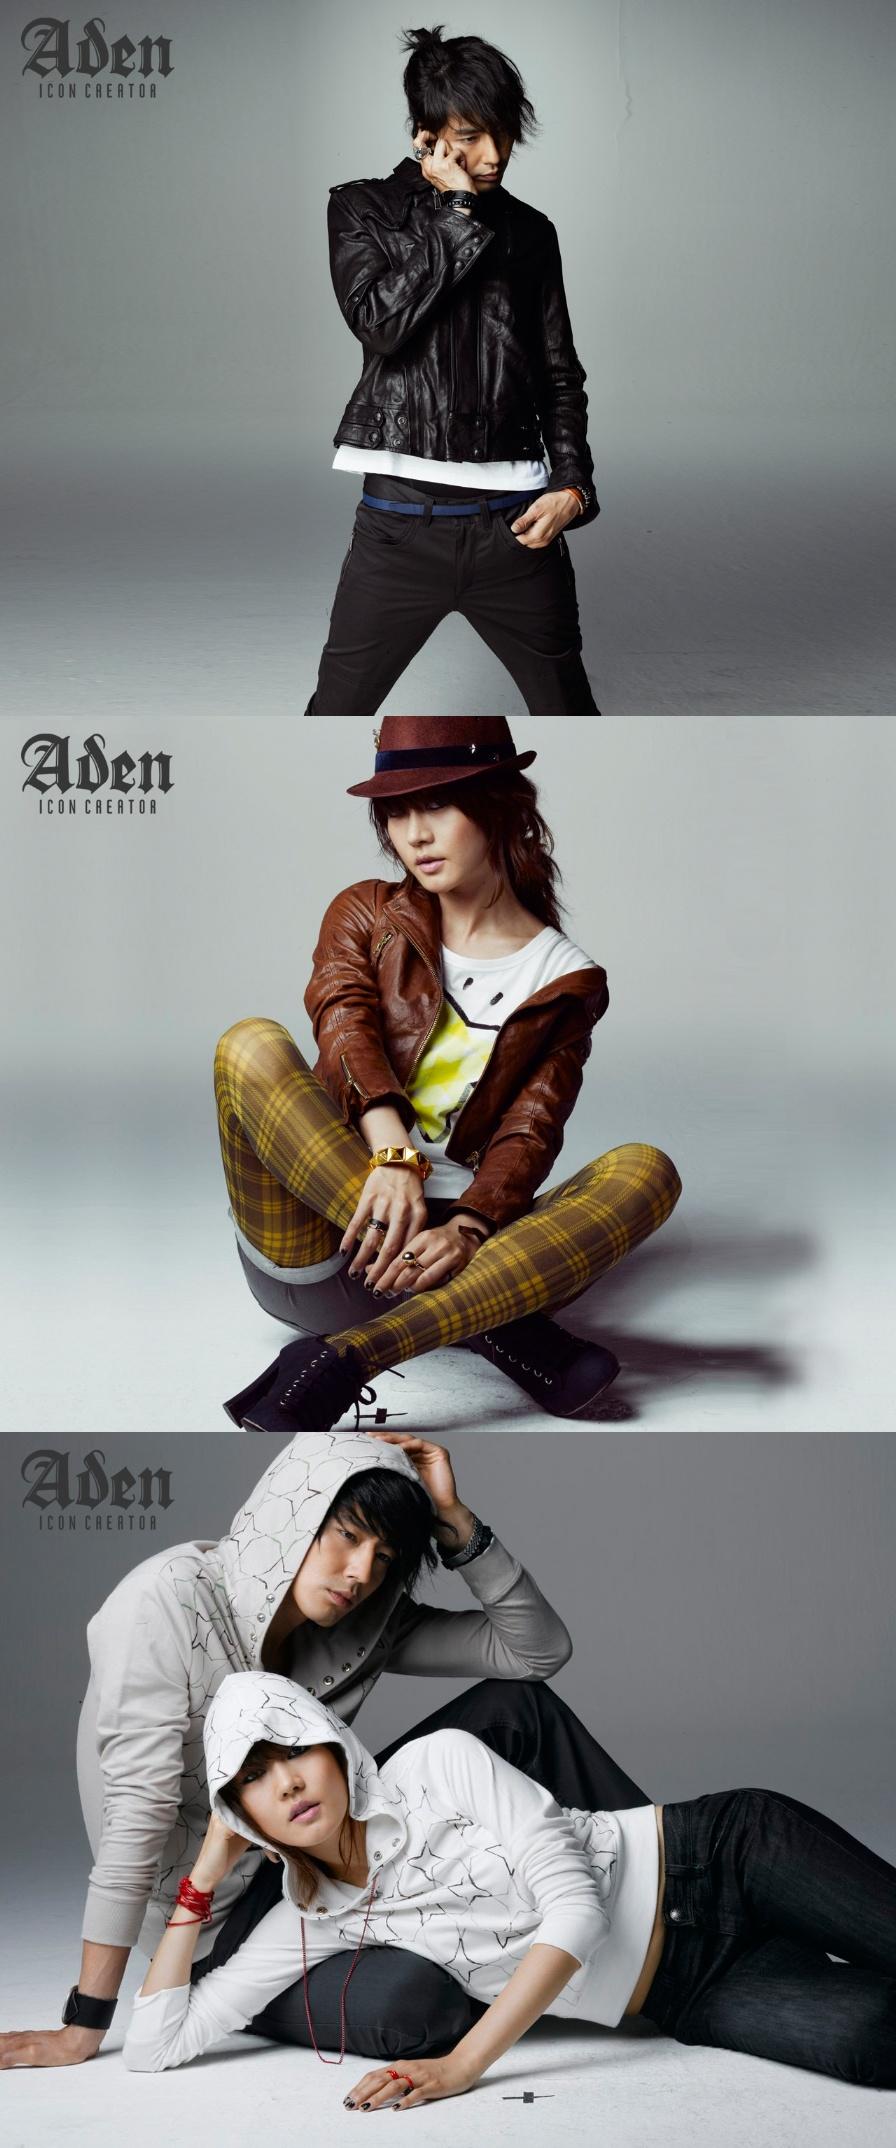 aden_wallpaper0909-001.jpg